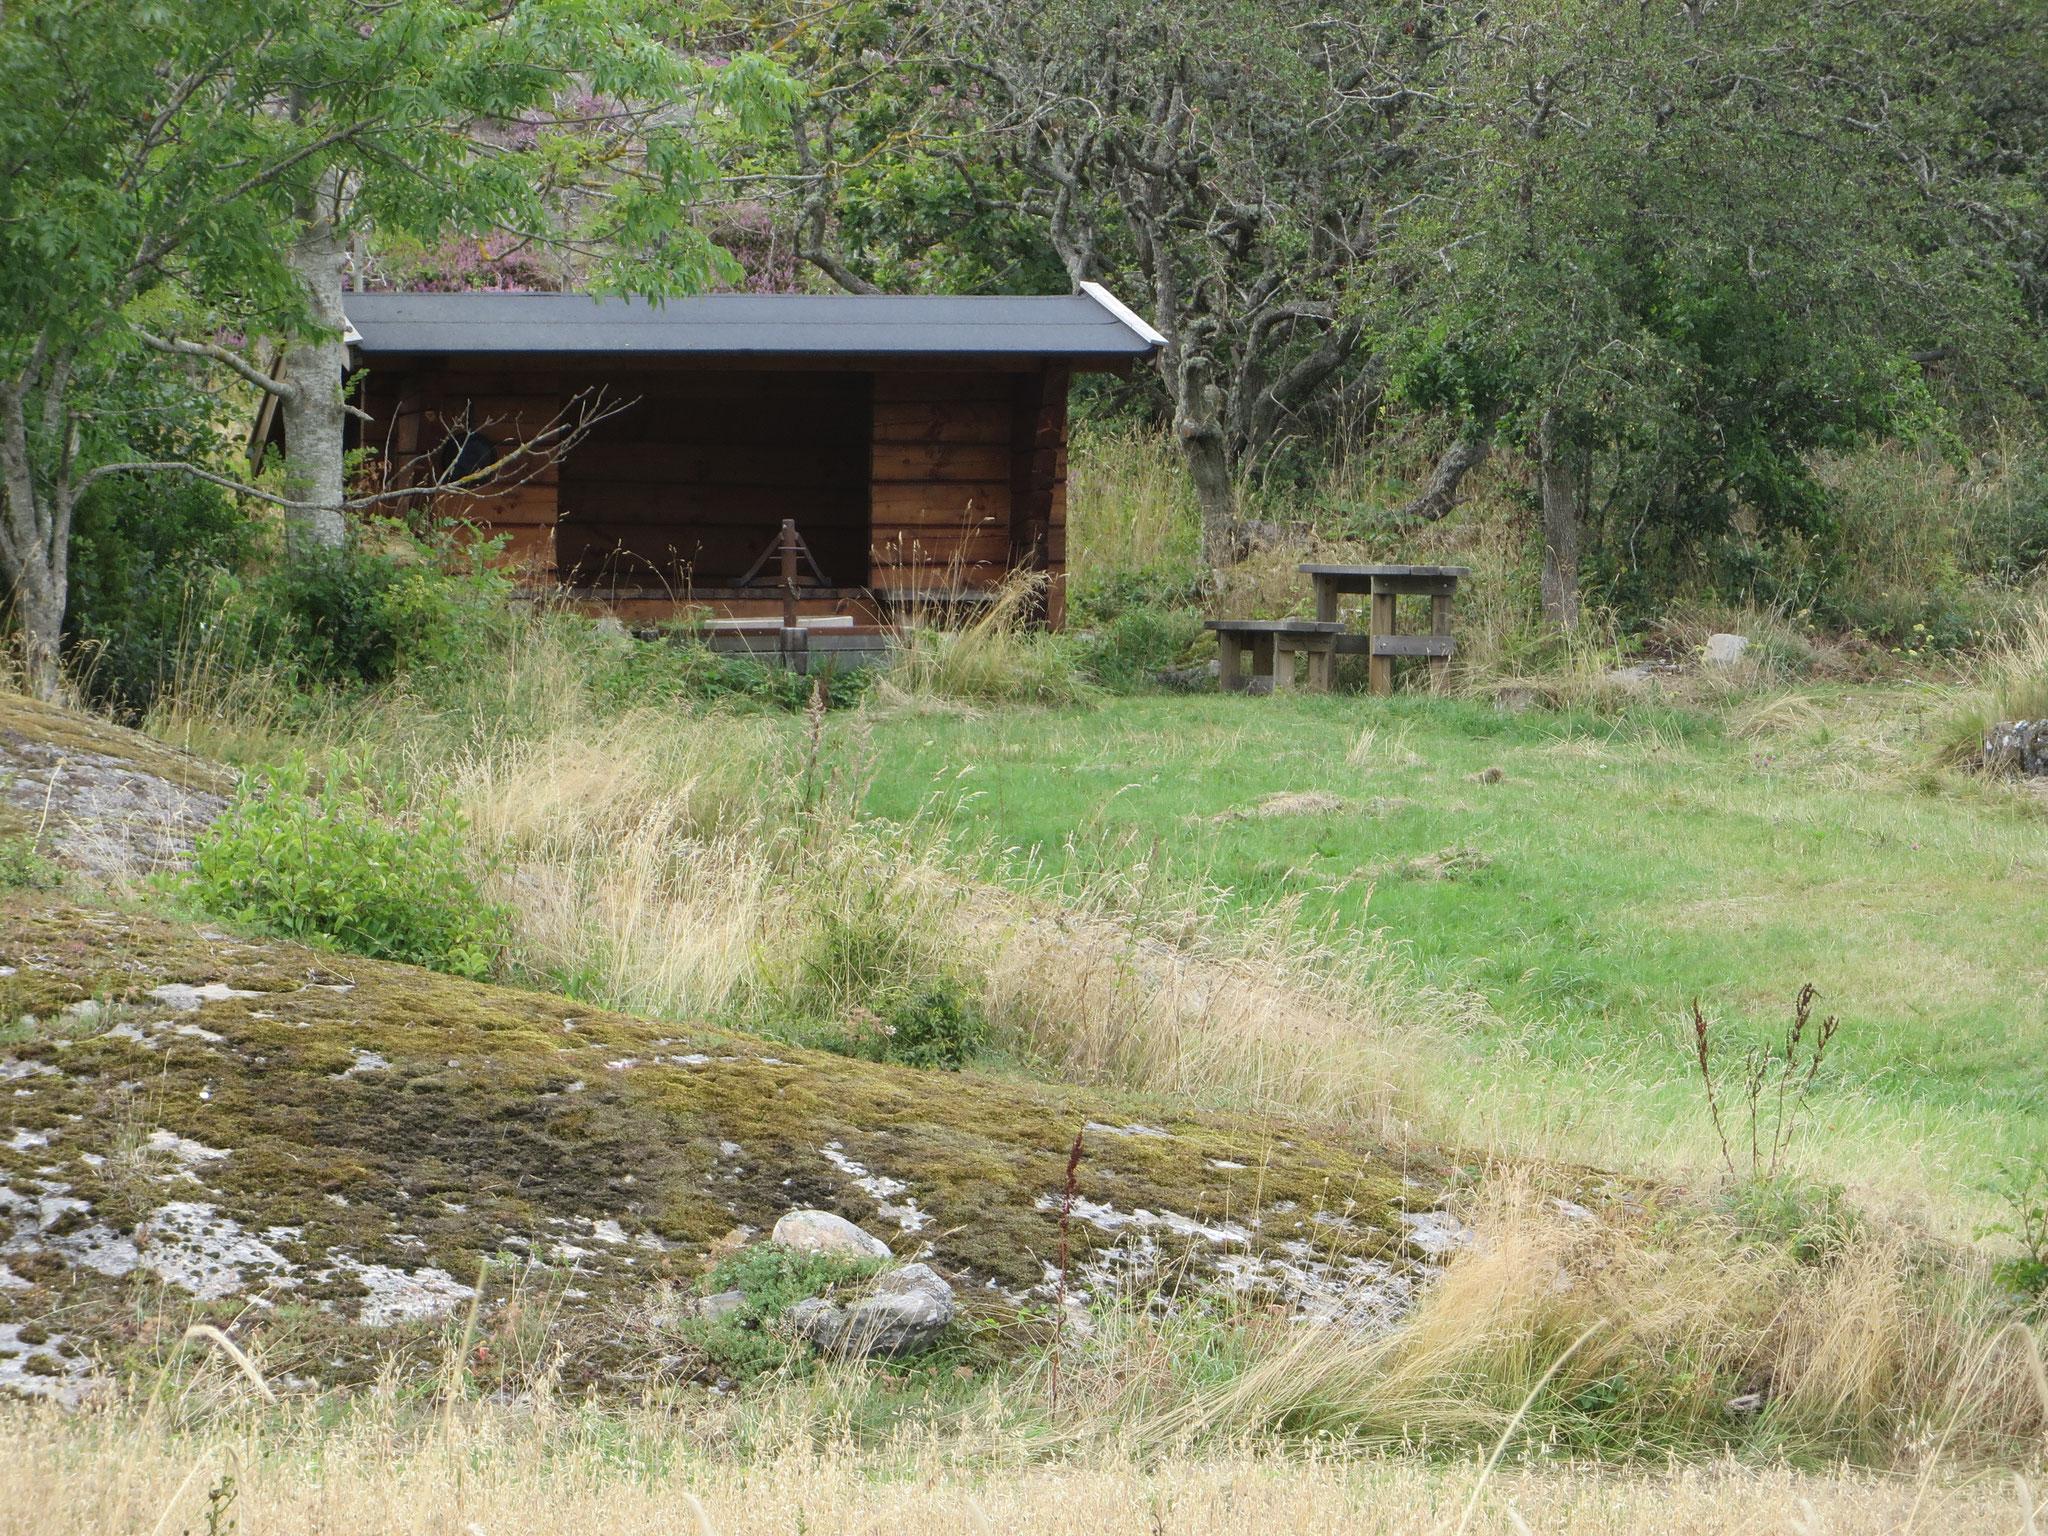 Windschutzhütte für Wanderer wie üblich in Schweden